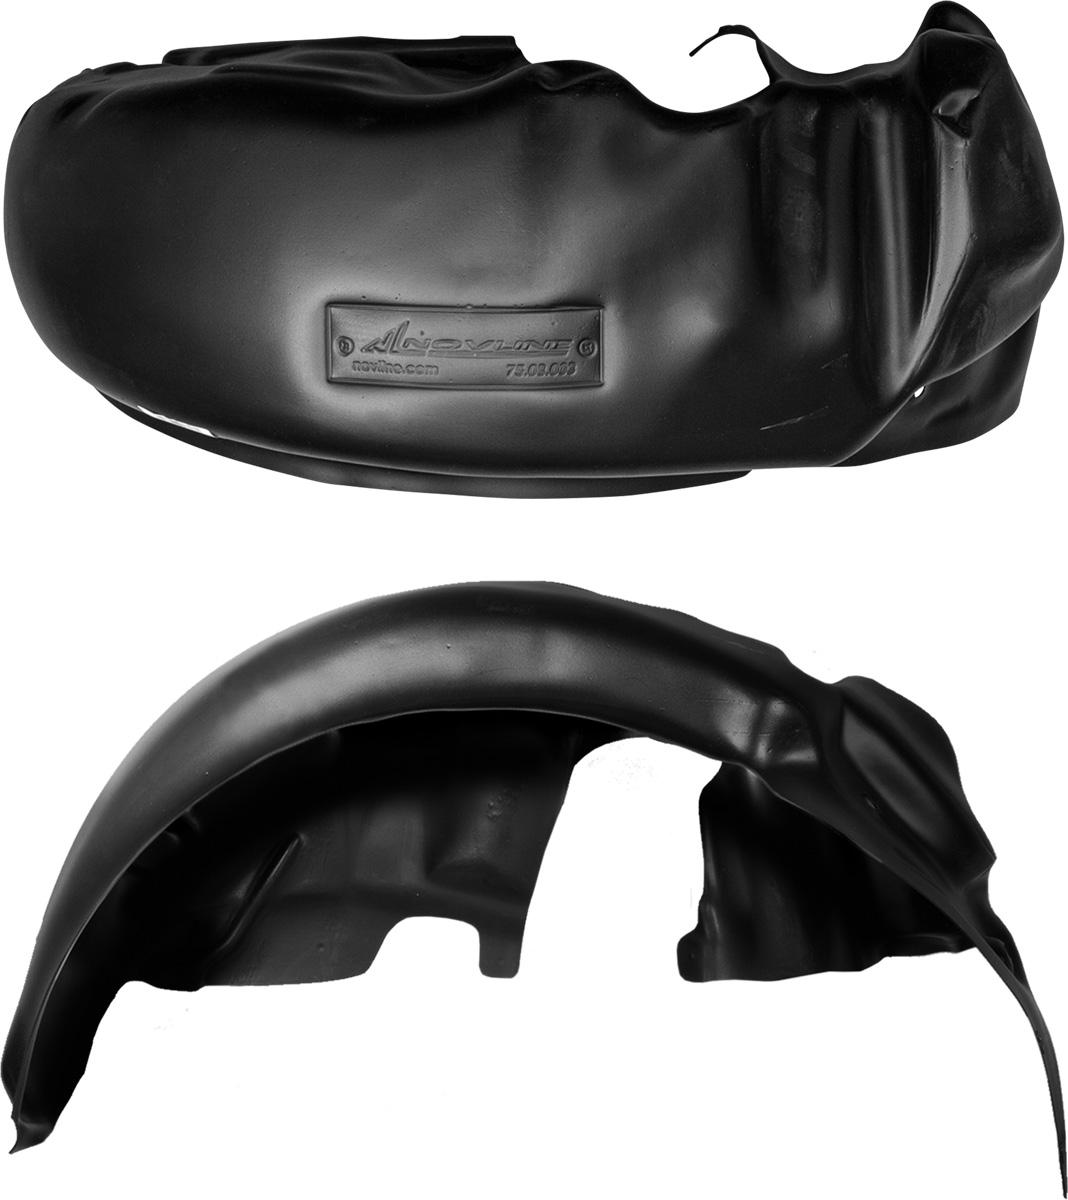 Подкрылок GREAT WALL Hover 2006-2010, задний правый80621Колесные ниши – одни из самых уязвимых зон днища вашего автомобиля. Они постоянно подвергаются воздействию со стороны дороги. Лучшая, почти абсолютная защита для них - специально отформованные пластиковые кожухи, которые называются подкрылками, или локерами. Производятся они как для отечественных моделей автомобилей, так и для иномарок. Подкрылки выполнены из высококачественного, экологически чистого пластика. Обеспечивают надежную защиту кузова автомобиля от пескоструйного эффекта и негативного влияния, агрессивных антигололедных реагентов. Пластик обладает более низкой теплопроводностью, чем металл, поэтому в зимний период эксплуатации использование пластиковых подкрылков позволяет лучше защитить колесные ниши от налипания снега и образования наледи. Оригинальность конструкции подчеркивает элегантность автомобиля, бережно защищает нанесенное на днище кузова антикоррозийное покрытие и позволяет осуществить крепление подкрылков внутри колесной арки практически без дополнительного крепежа и сверления, не нарушая при этом лакокрасочного покрытия, что предотвращает возникновение новых очагов коррозии. Технология крепления подкрылков на иномарки принципиально отличается от крепления на российские автомобили и разрабатывается индивидуально для каждой модели автомобиля. Подкрылки долговечны, обладают высокой прочностью и сохраняют заданную форму, а также все свои физико-механические характеристики в самых тяжелых климатических условиях ( от -50° С до + 50° С).